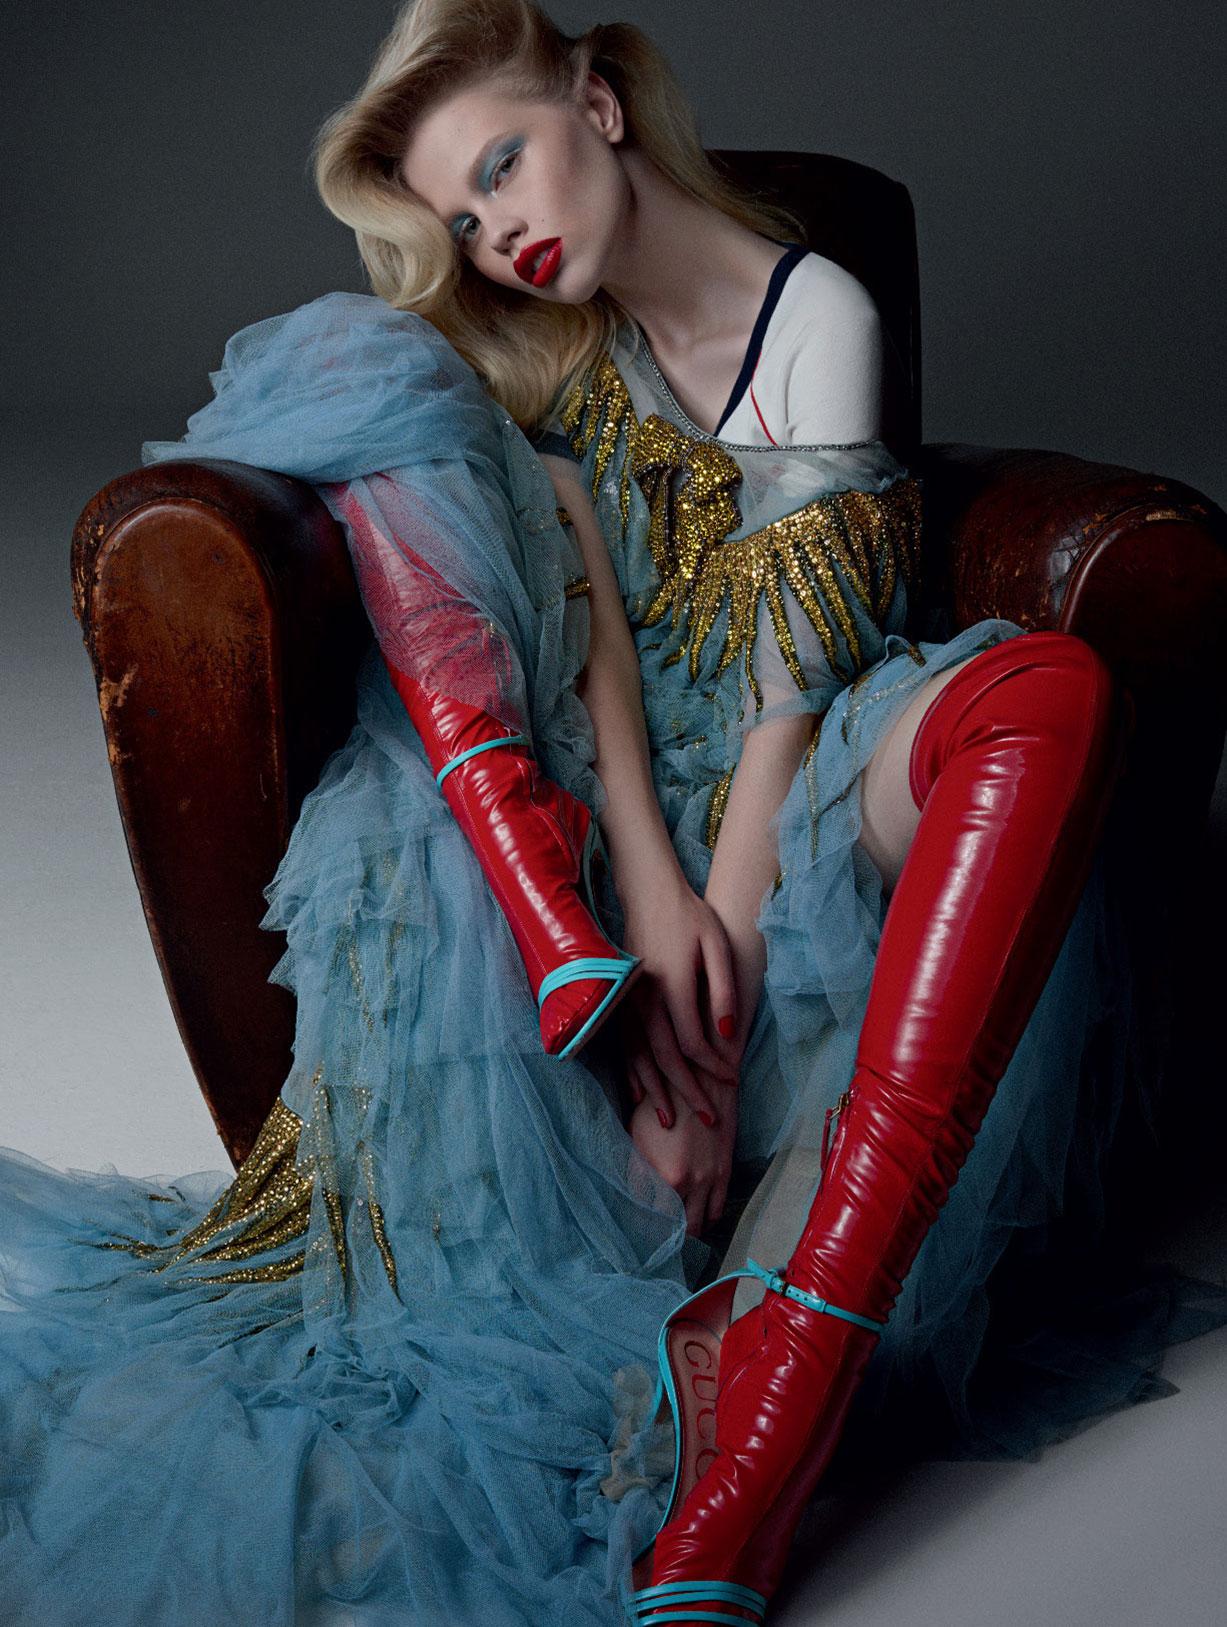 Sexy Glam / Lola Gleich by Nicole Heiniger / LOfficiel Brazil august 2017 / в красных сапогах